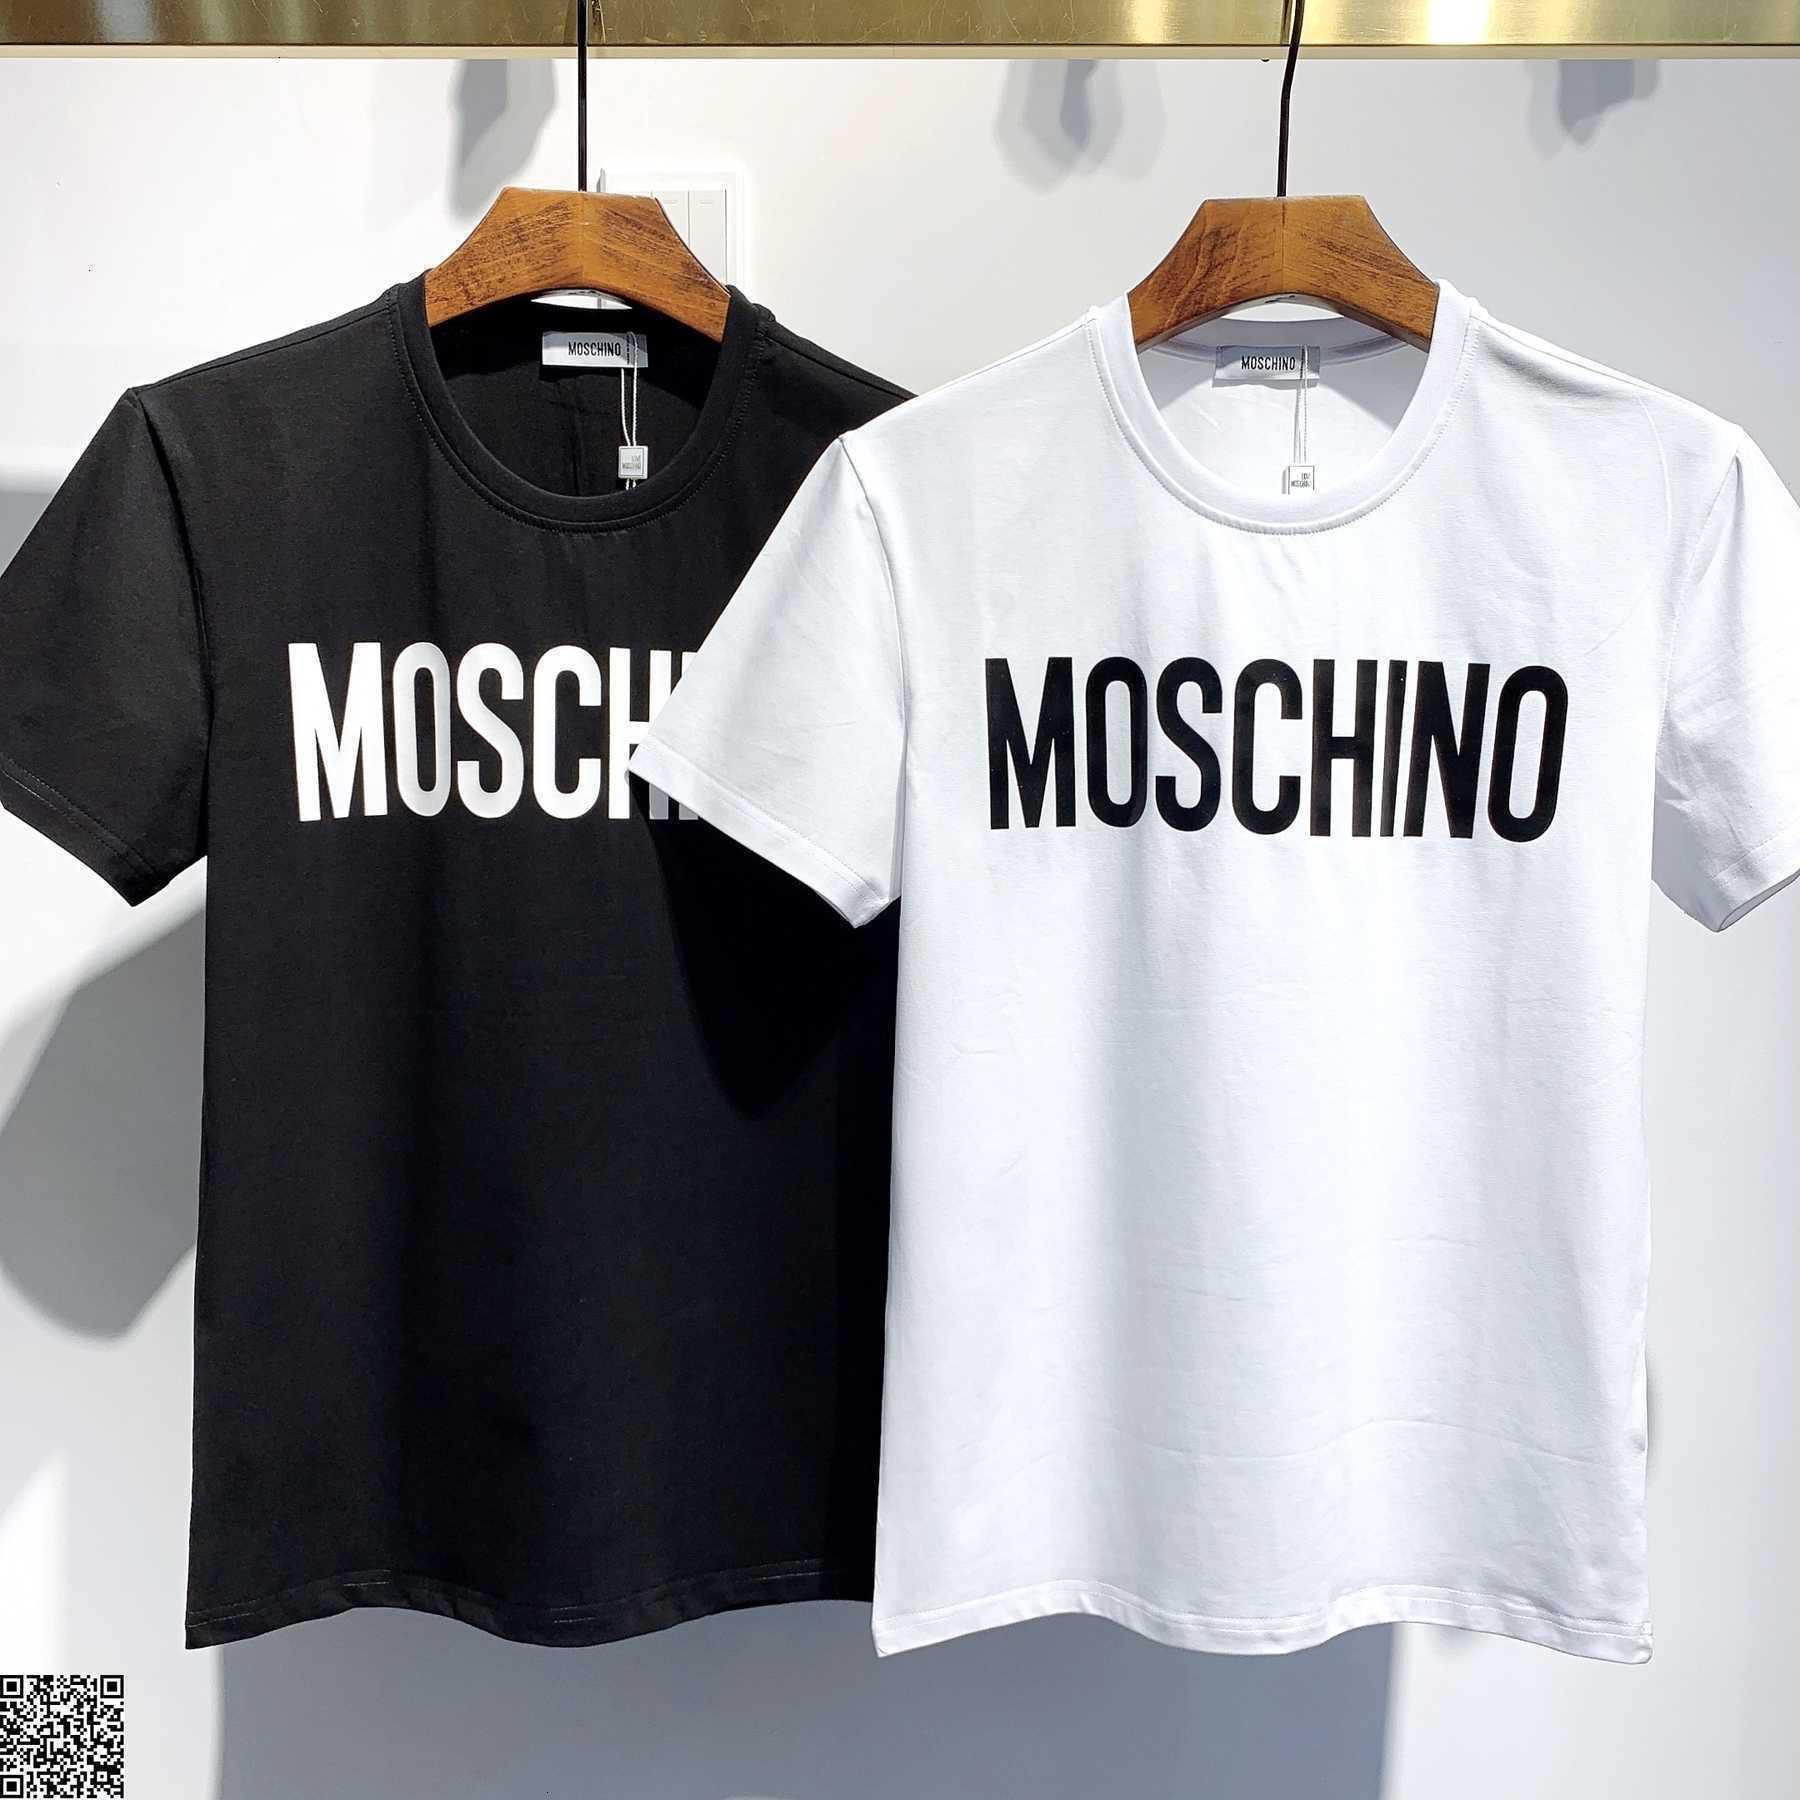 """2020 dos homens da qualidade superior t camisa em torno do pescoço dos homens de roupas T-shirt dos homens verão 20191123-k502 # 2151 # """"H118 *"""